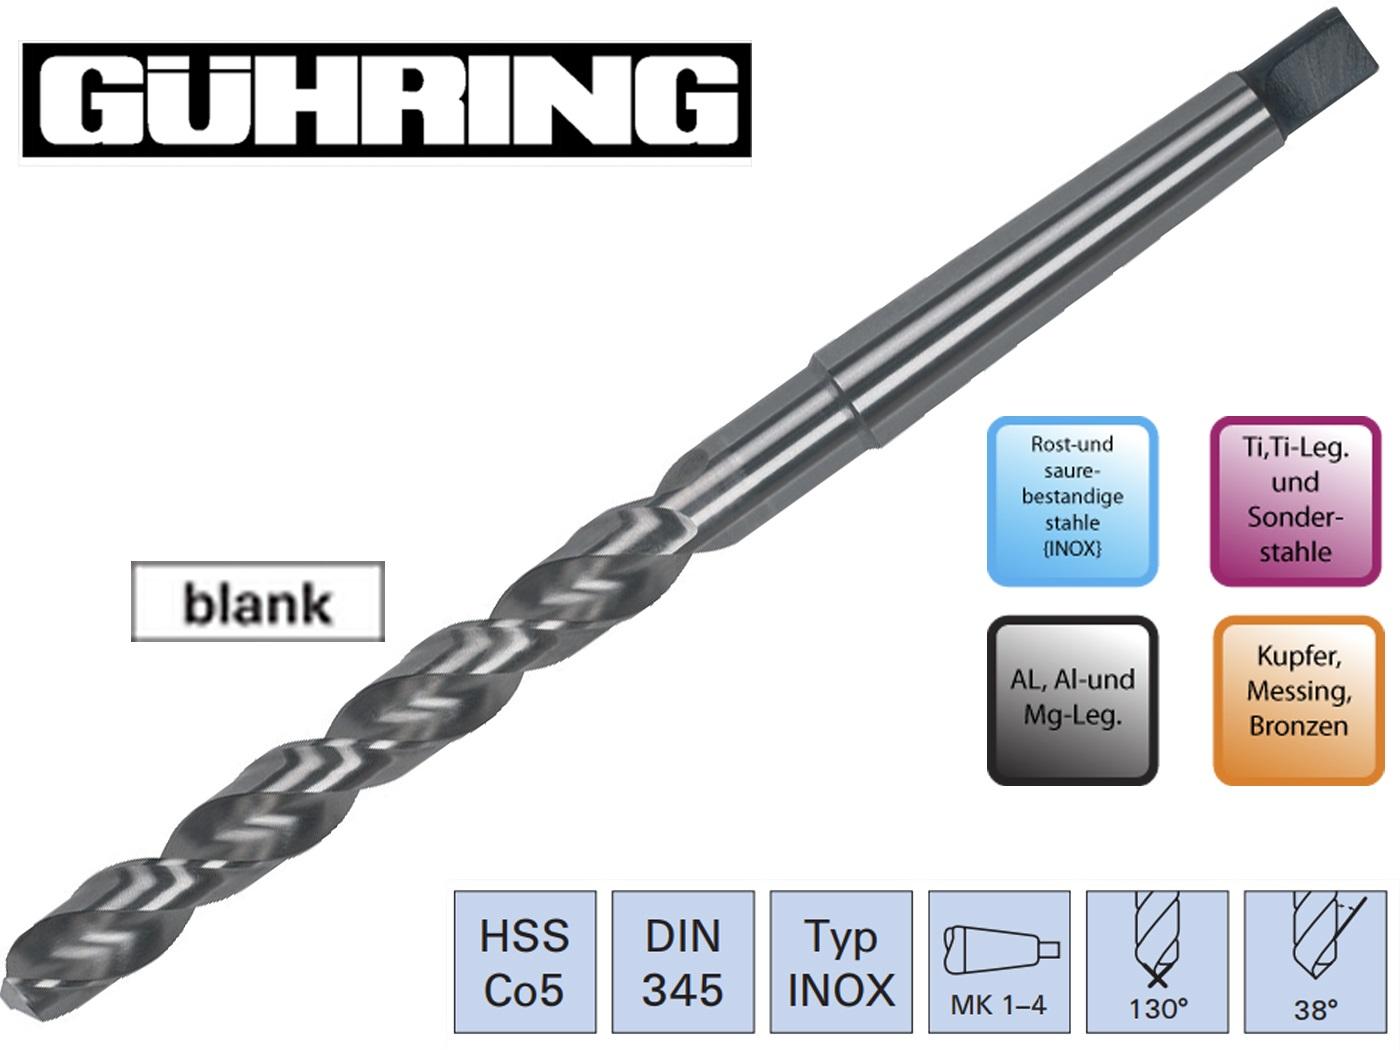 Spiraalboor DIN345VA HSSCo5 konische Guhring | DKMTools - DKM Tools